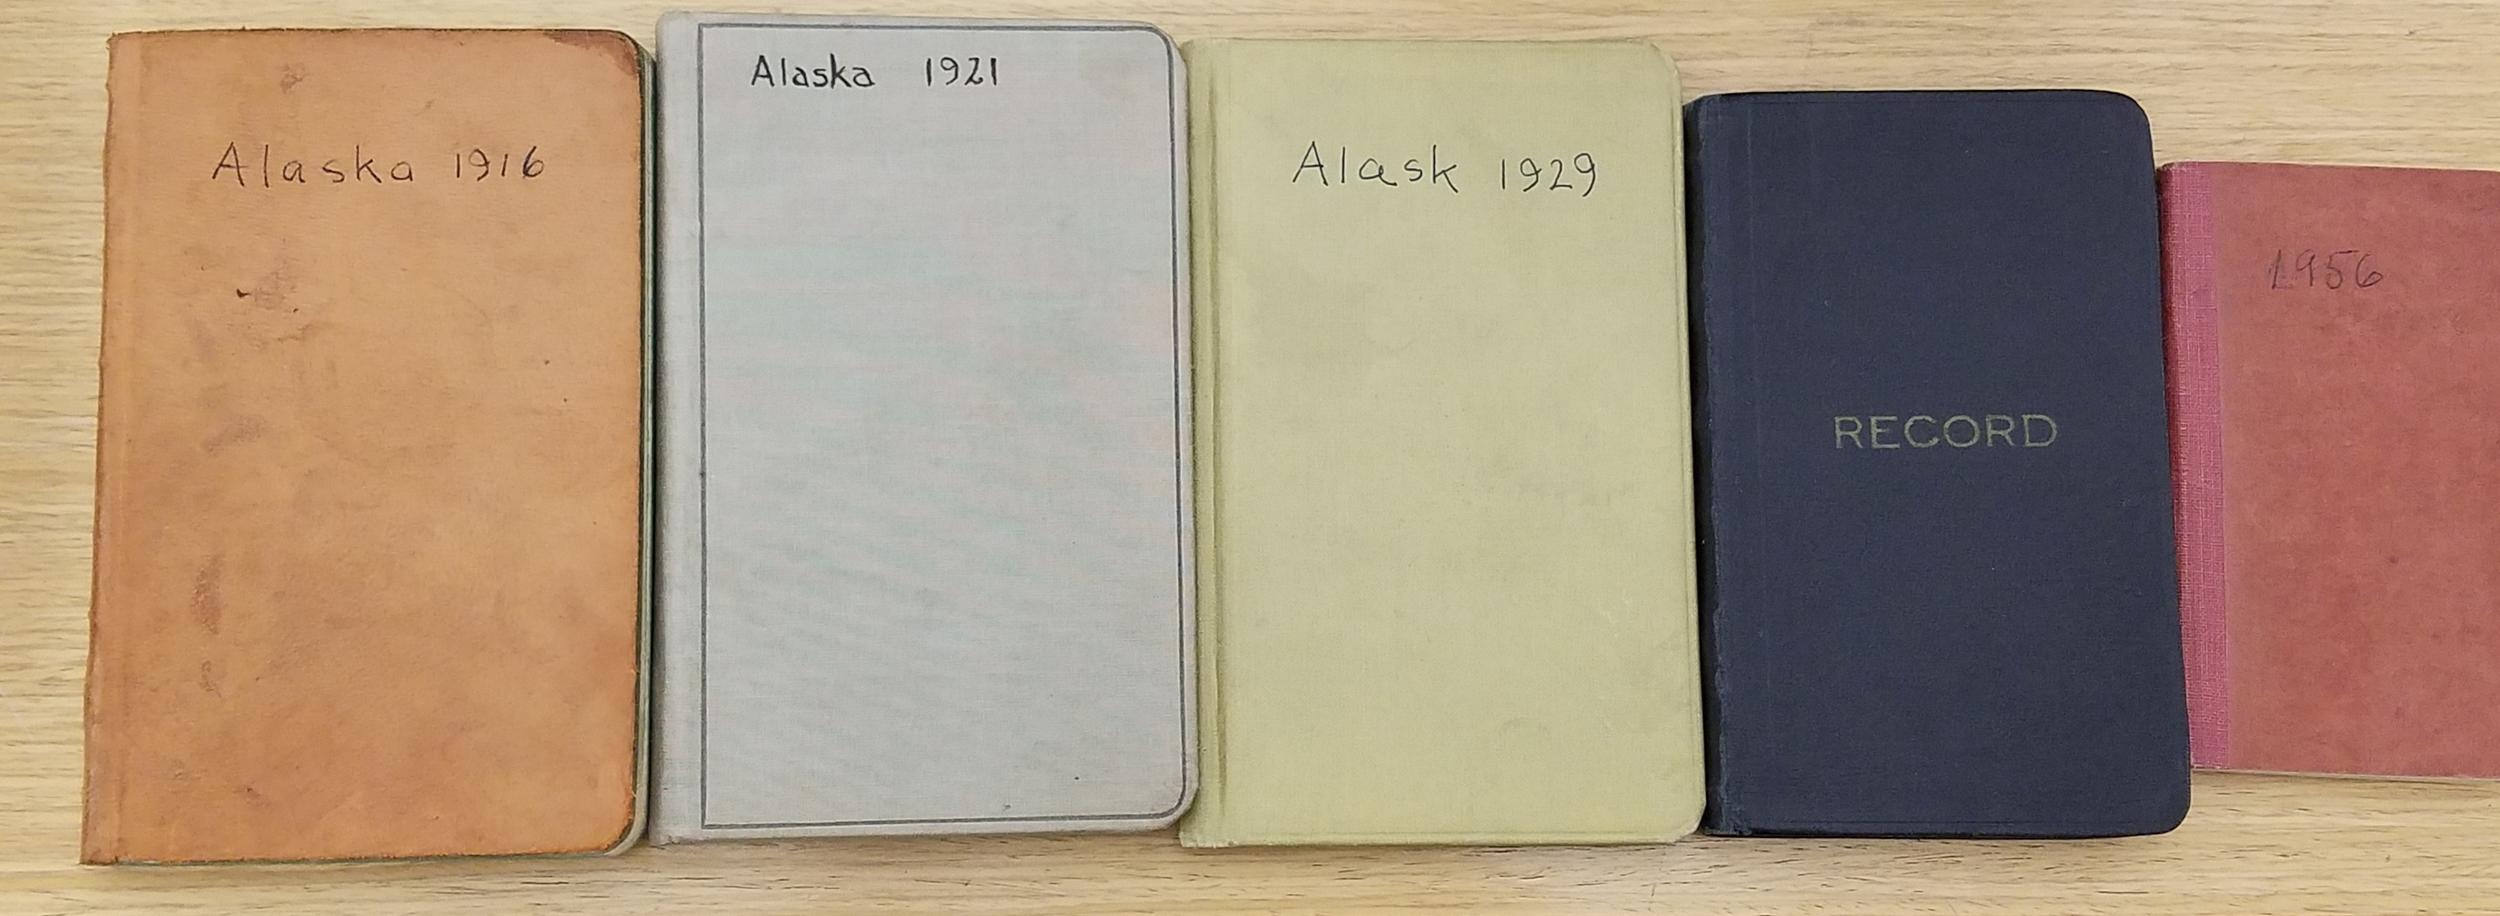 Cooper's Glacier Bay journals